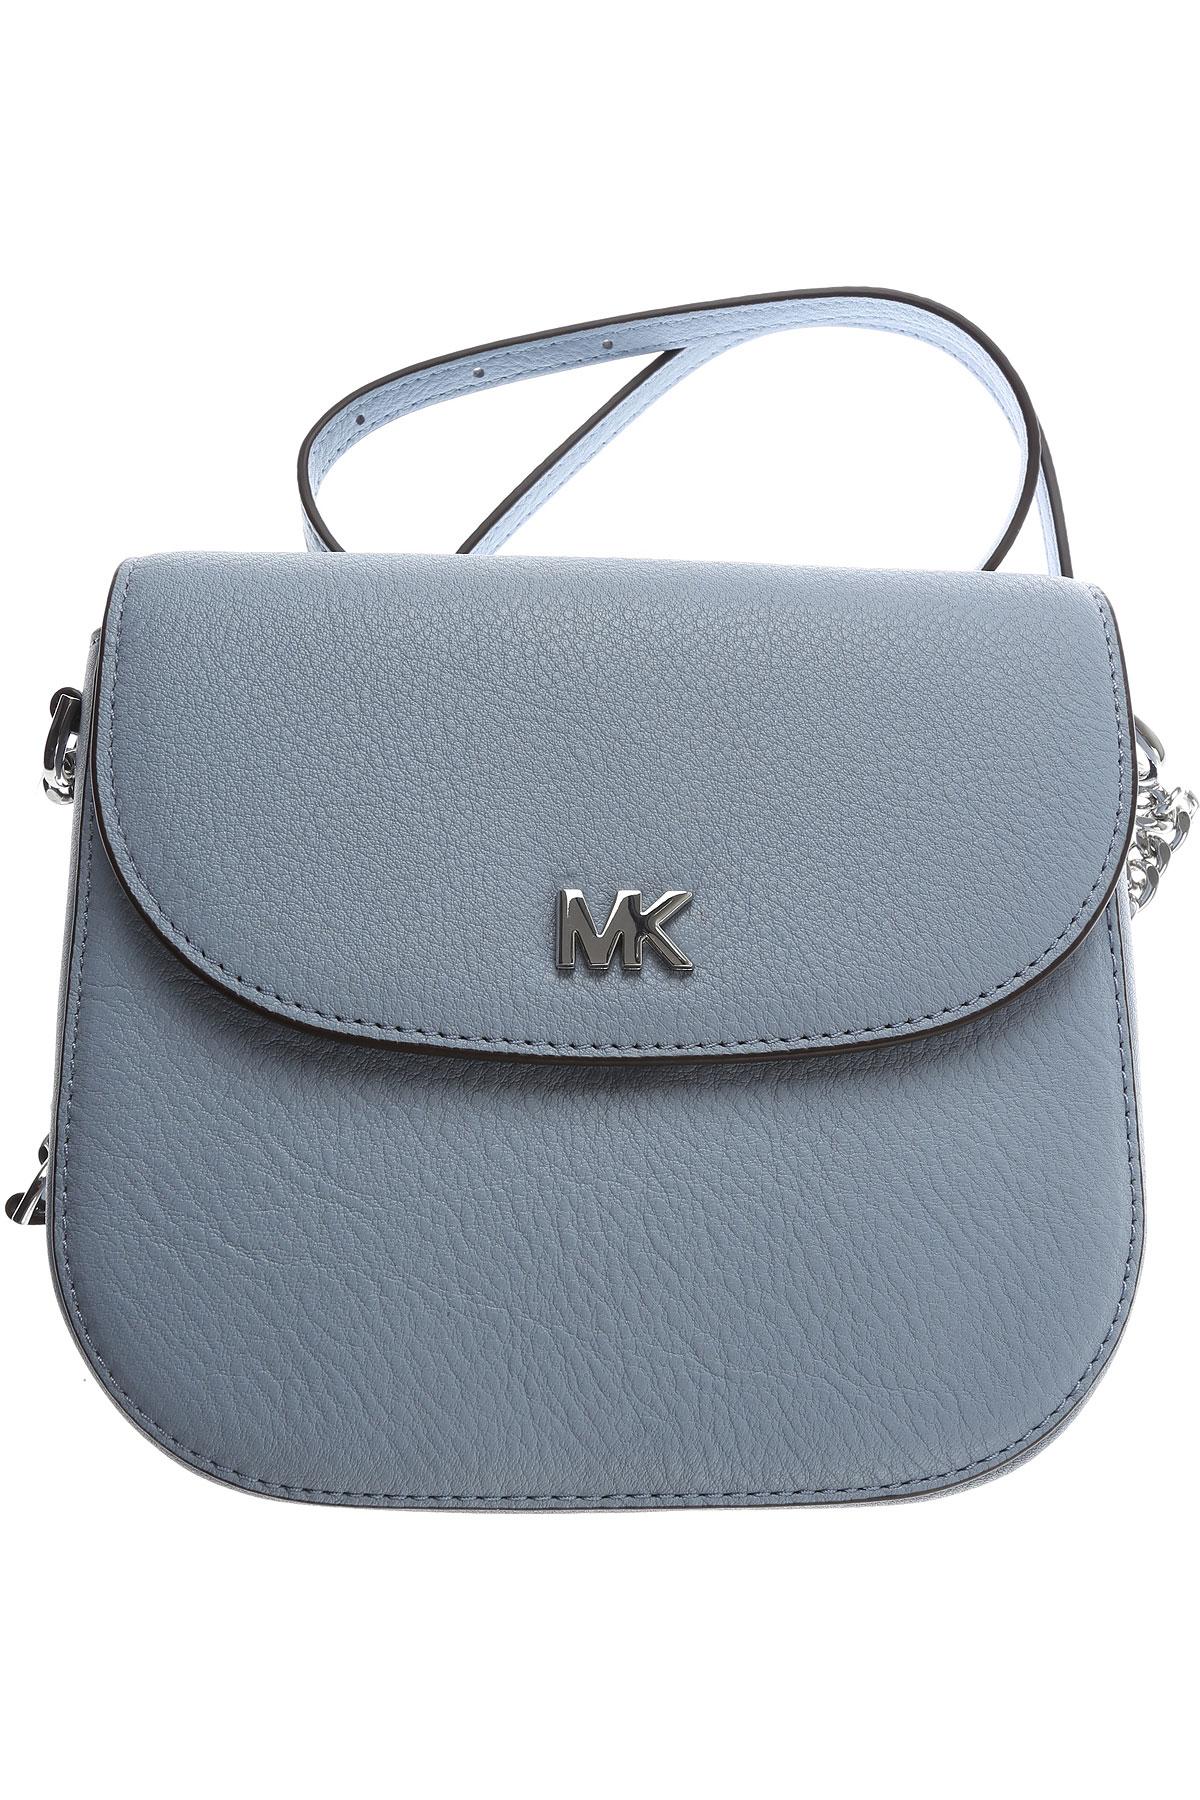 Michael Kors Shoulder Bag for Women, Sugar paper, Leather, 2019